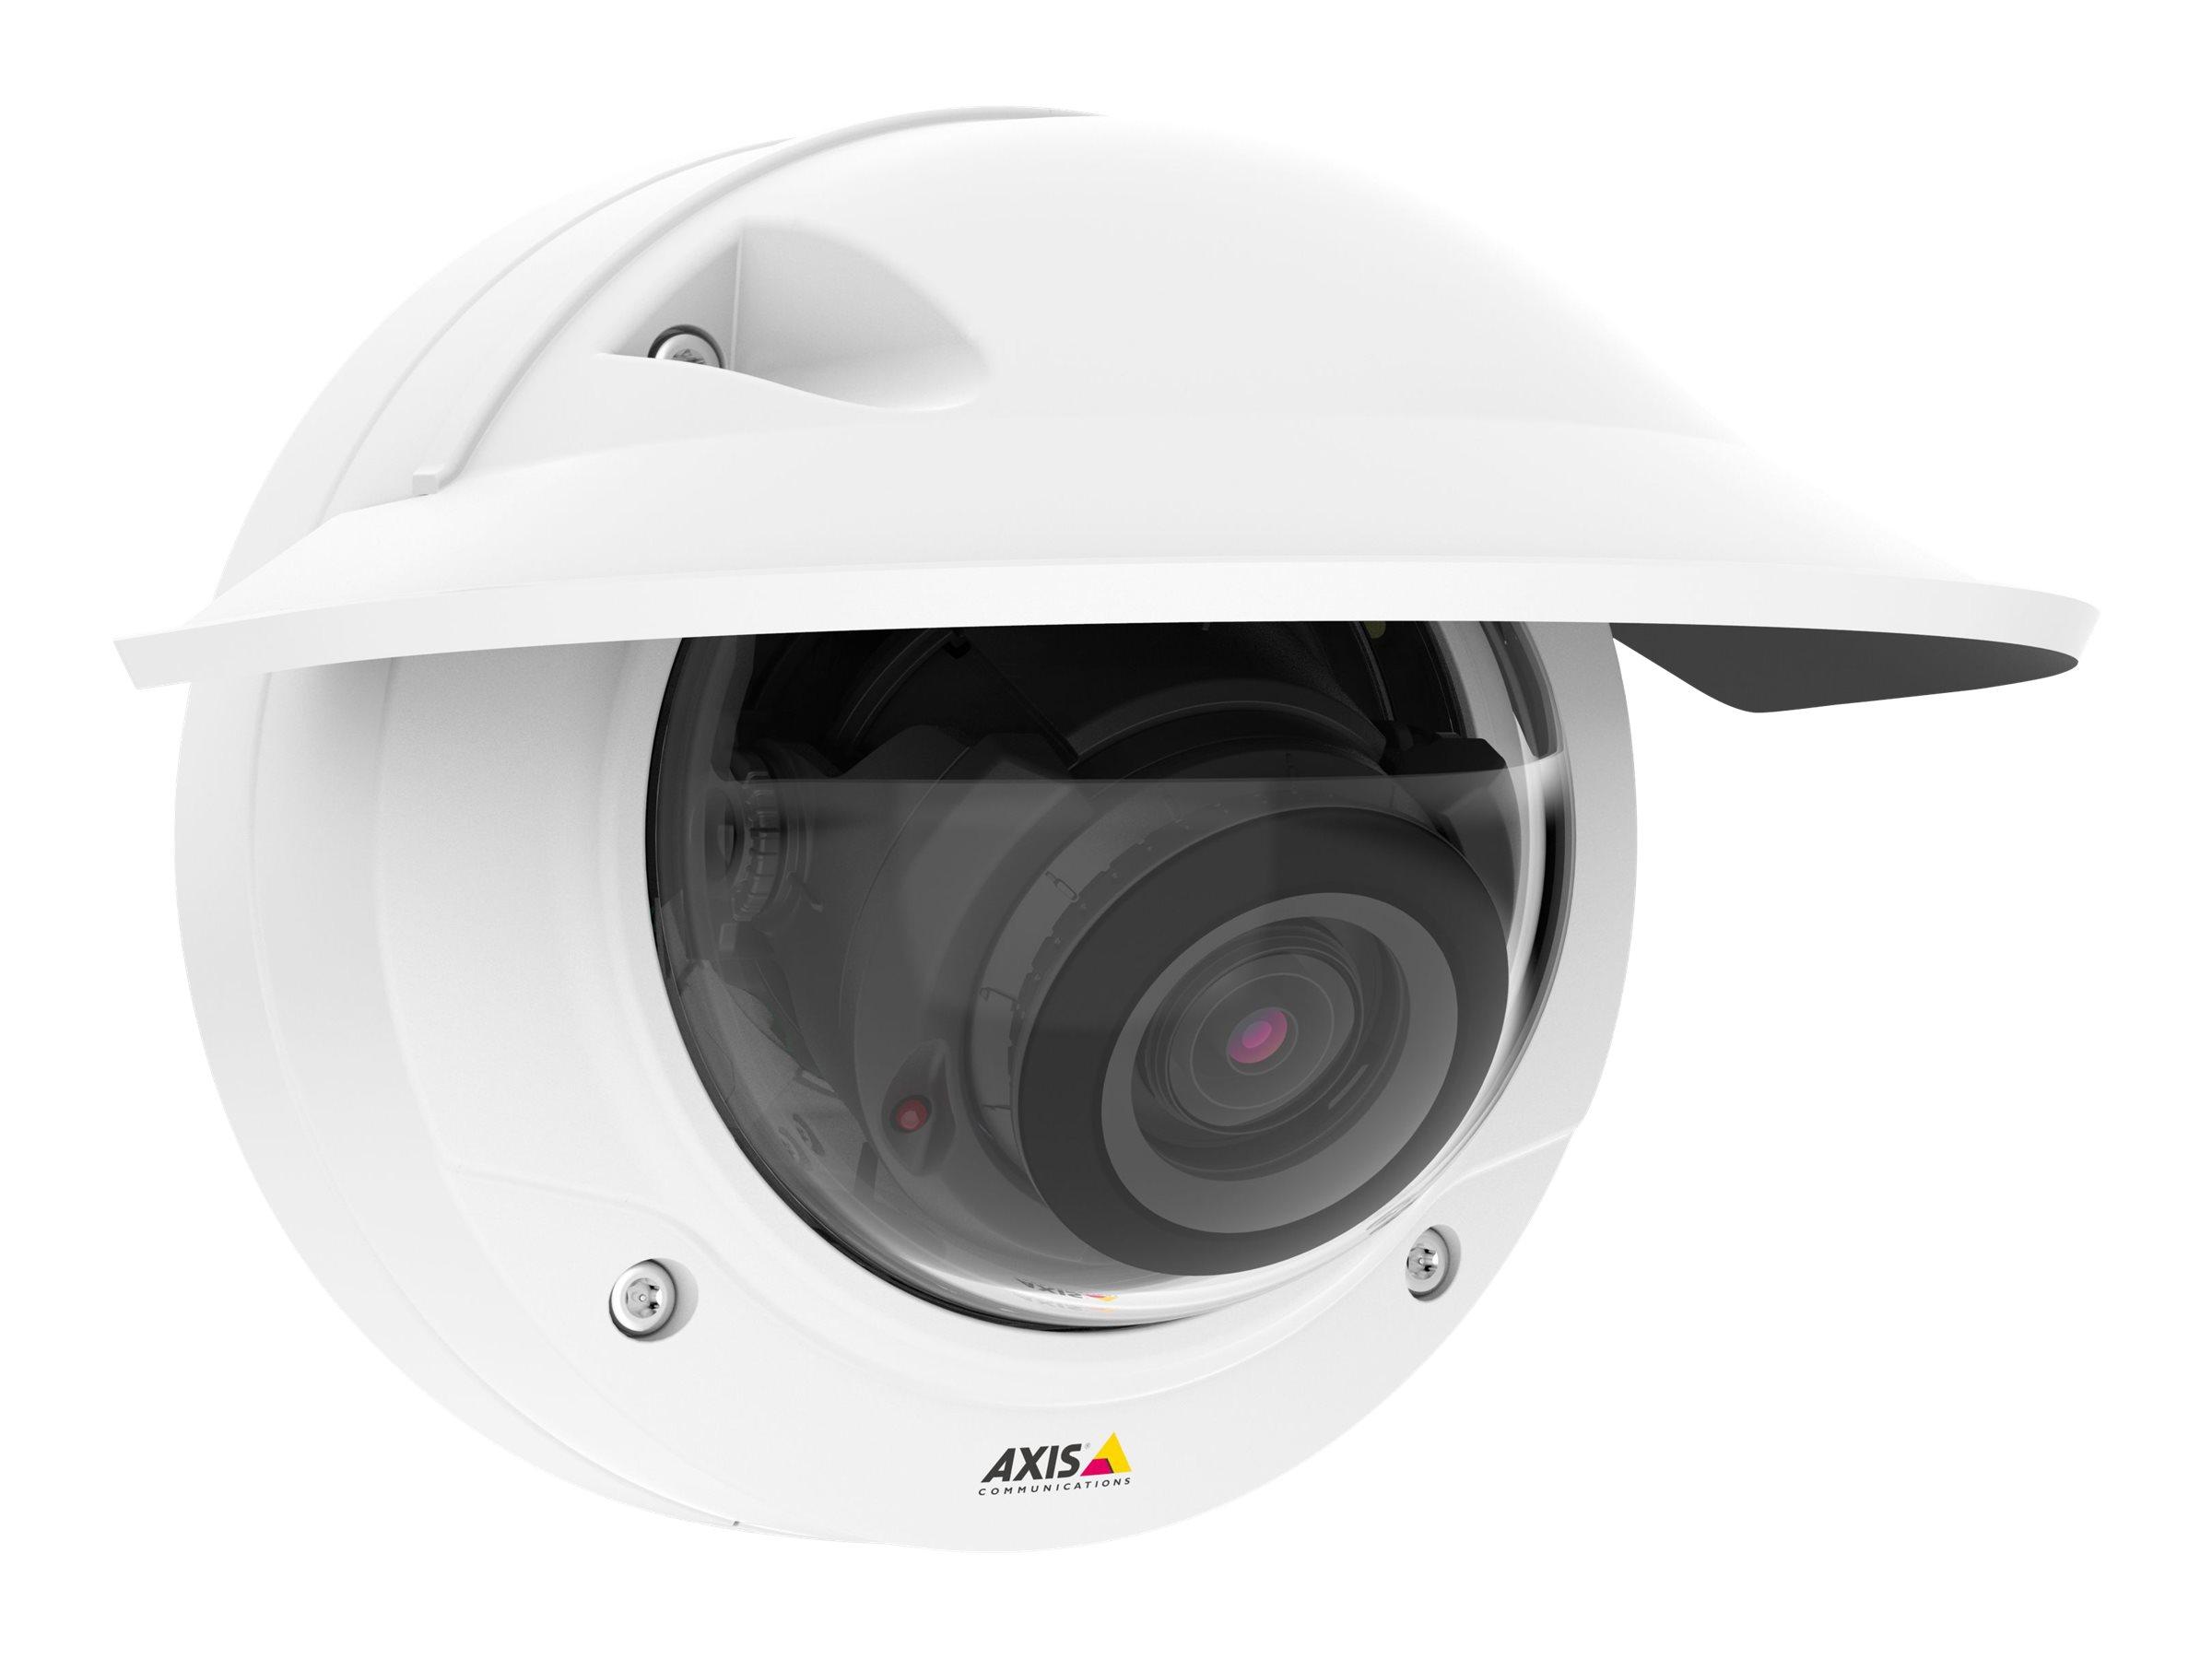 AXIS P3235-LVE Network Camera - Netzwerk-Überwachungskamera - Kuppel - Aussenbereich - Farbe (Tag&Nacht) - 1920 x 1080